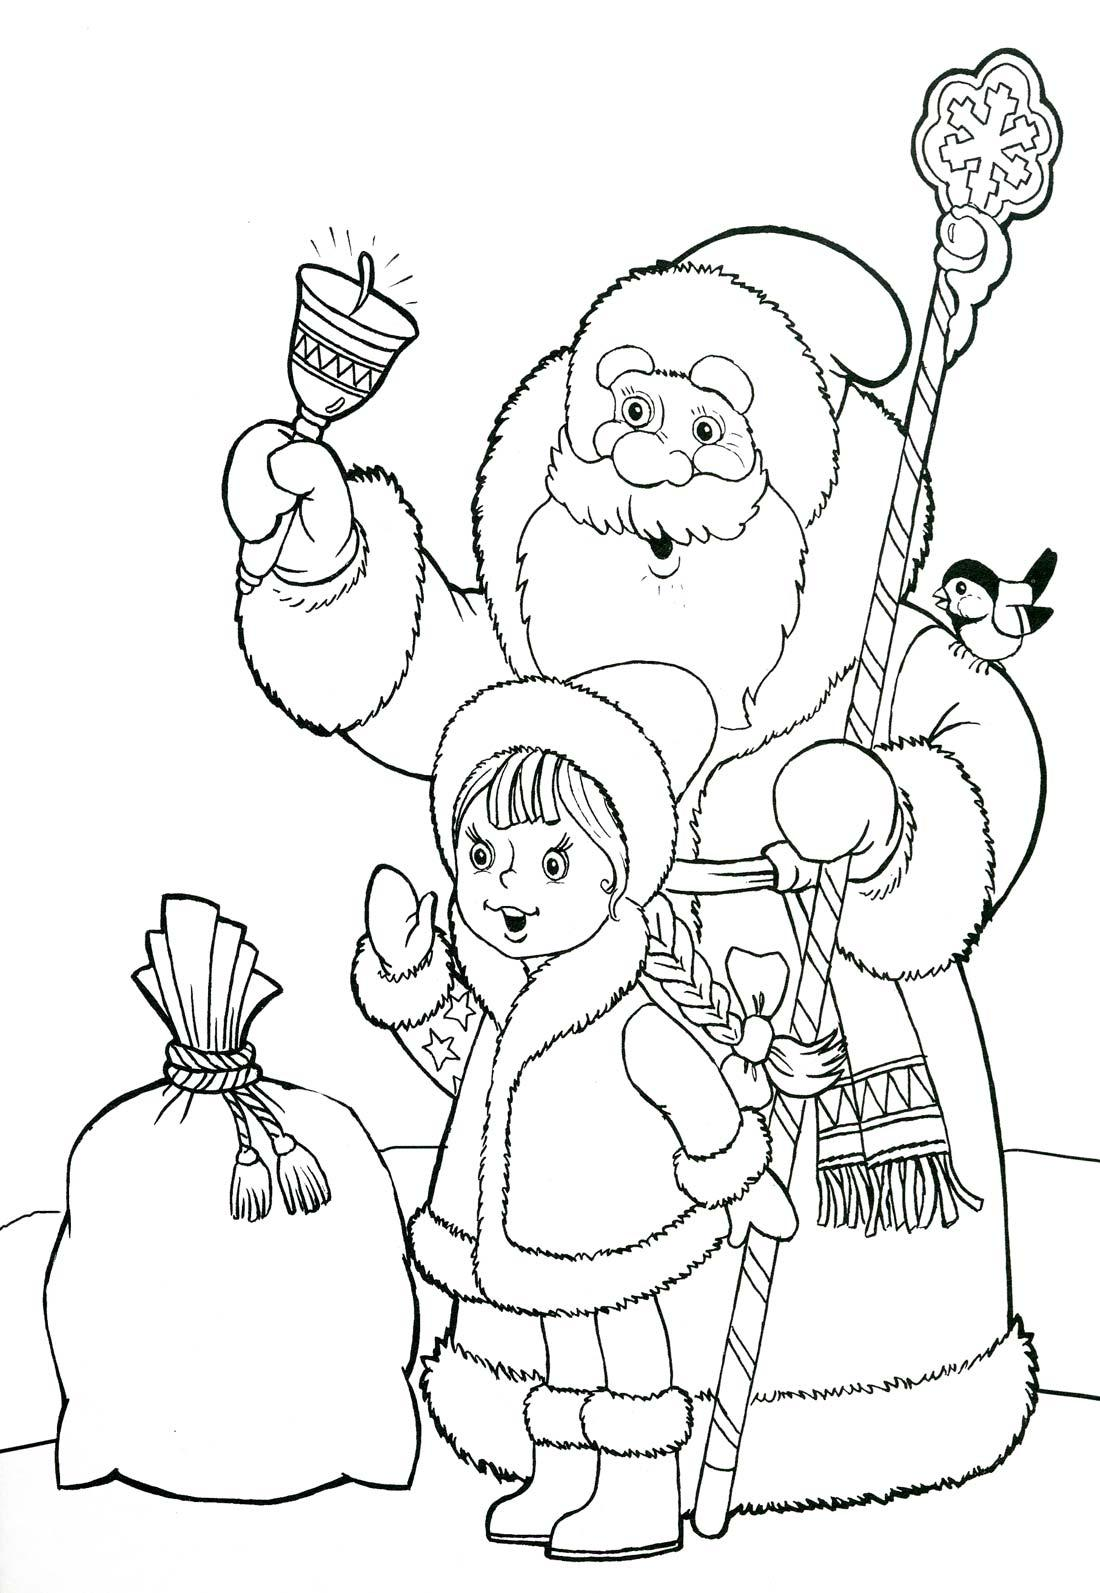 раскраска дед мороз и снегурочка распечатать бесплатно